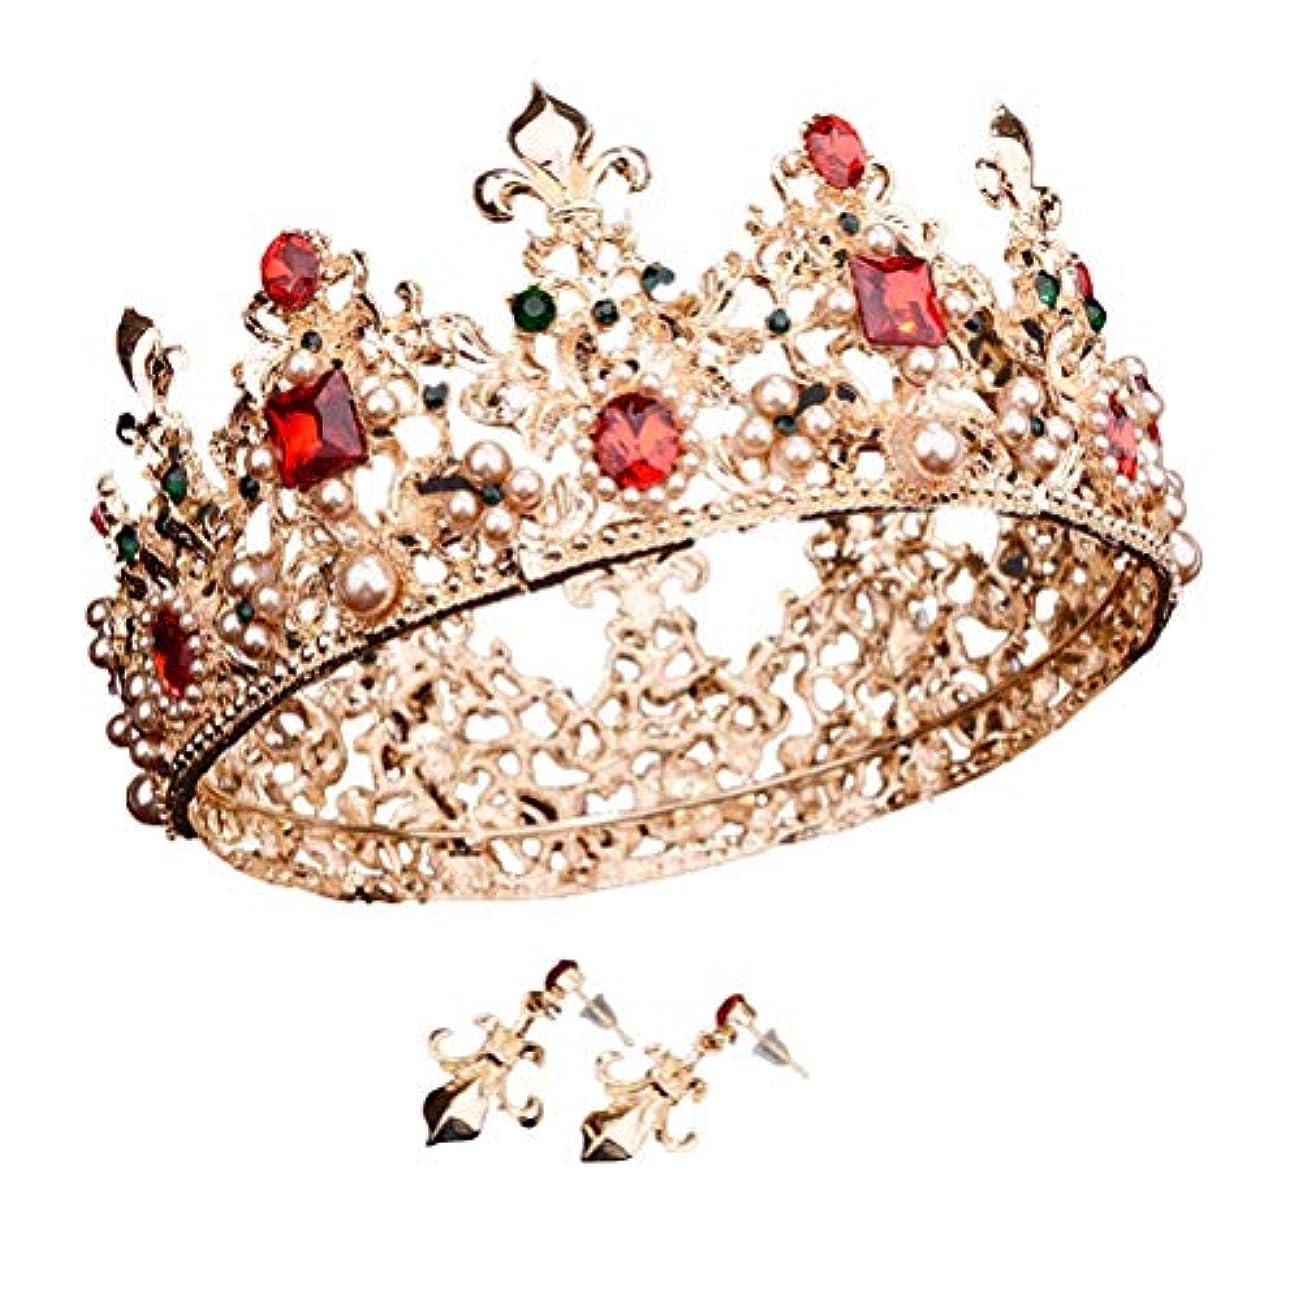 雑品中間静めるBeaupretty 女性のためのバロック女王クラウンラインストーンの結婚式の冠とティアライヤリング付きヘアアクセサリー結婚式のかぶと